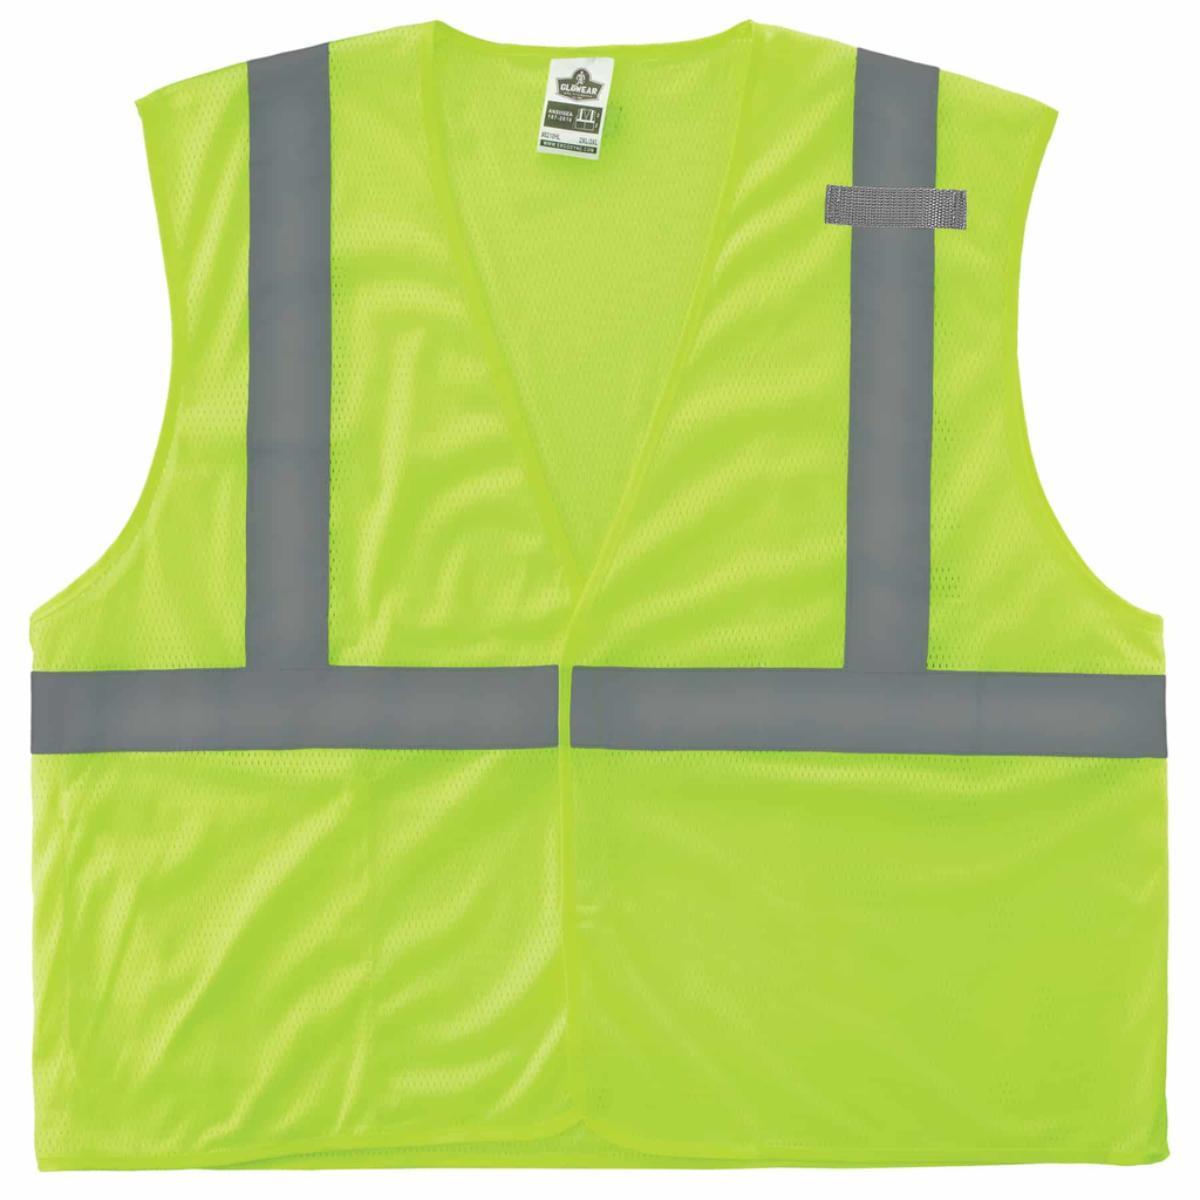 8210HL S/M Lime Type R Class 2 Economy Mesh Vest